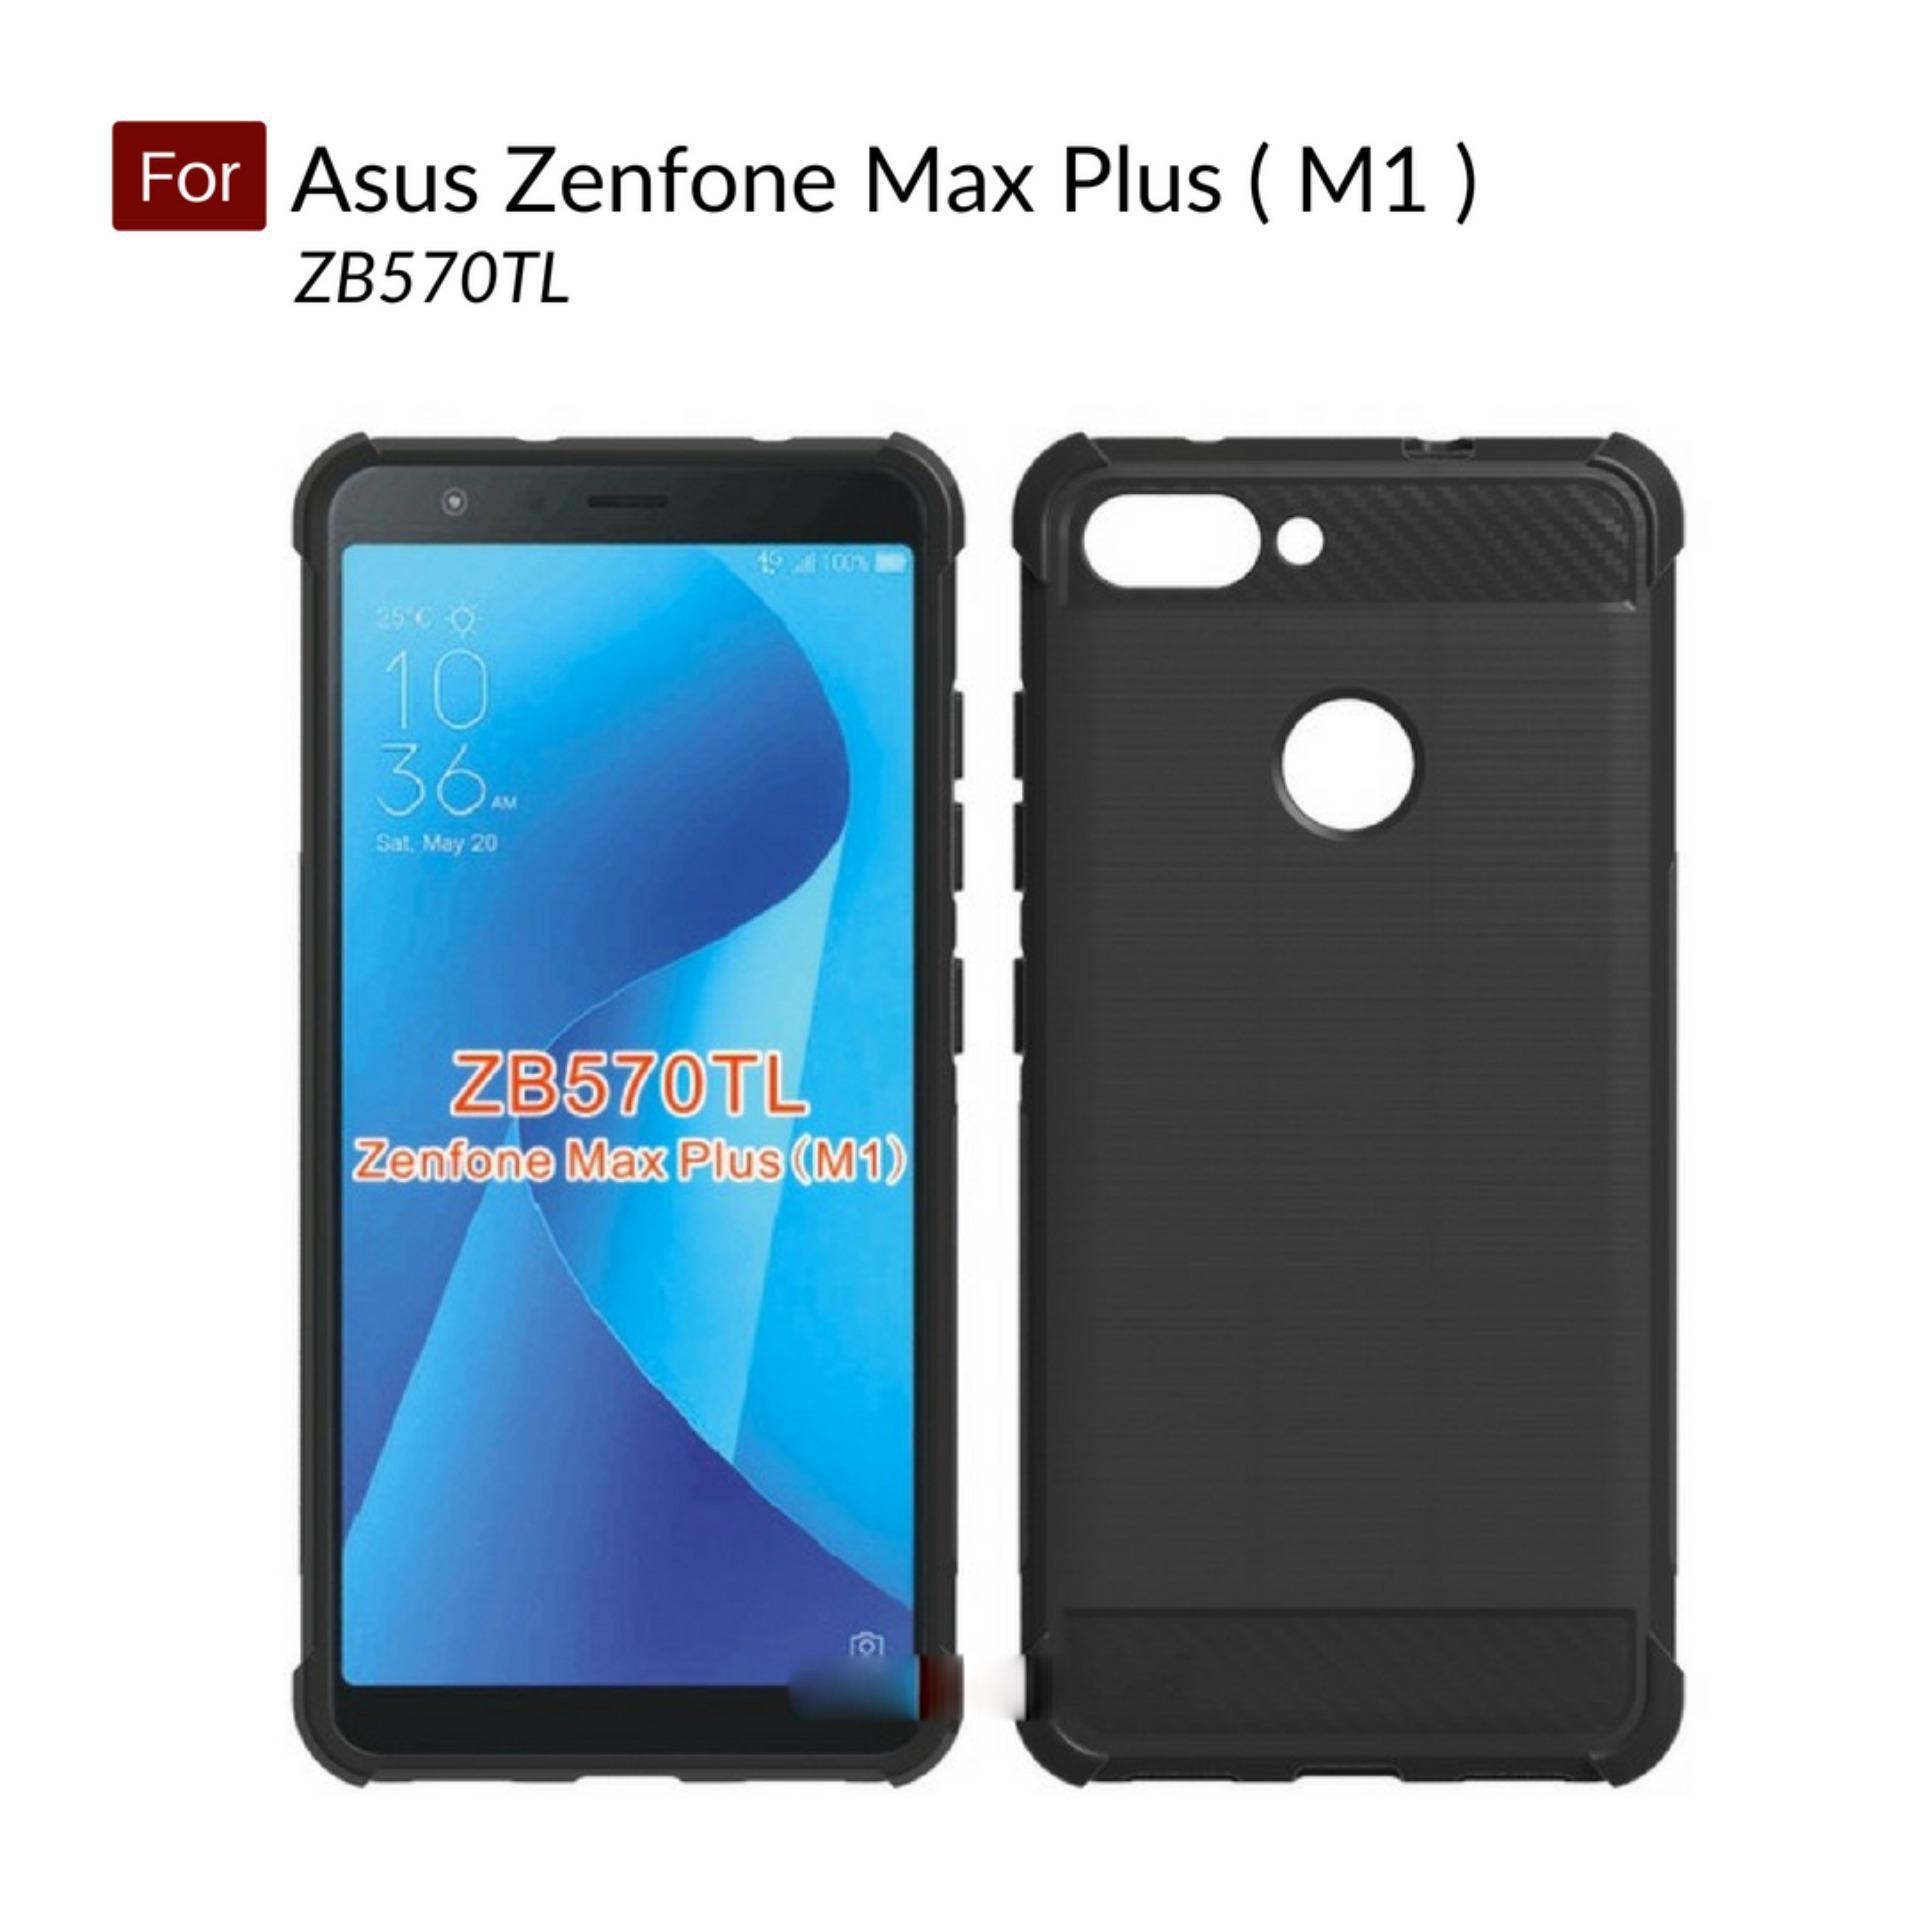 accessories-hp-premium-quality-carbon-shockproof-hybrid-case-for-asus-zenfone-live-zb501kl-black-0206-31225845-fda86048d83aa9f35a8c83bacc4d0a20-catalog_233 List Harga 3 Hp Asus Zenfone 2 Ze550ml Termurah Maret 2019